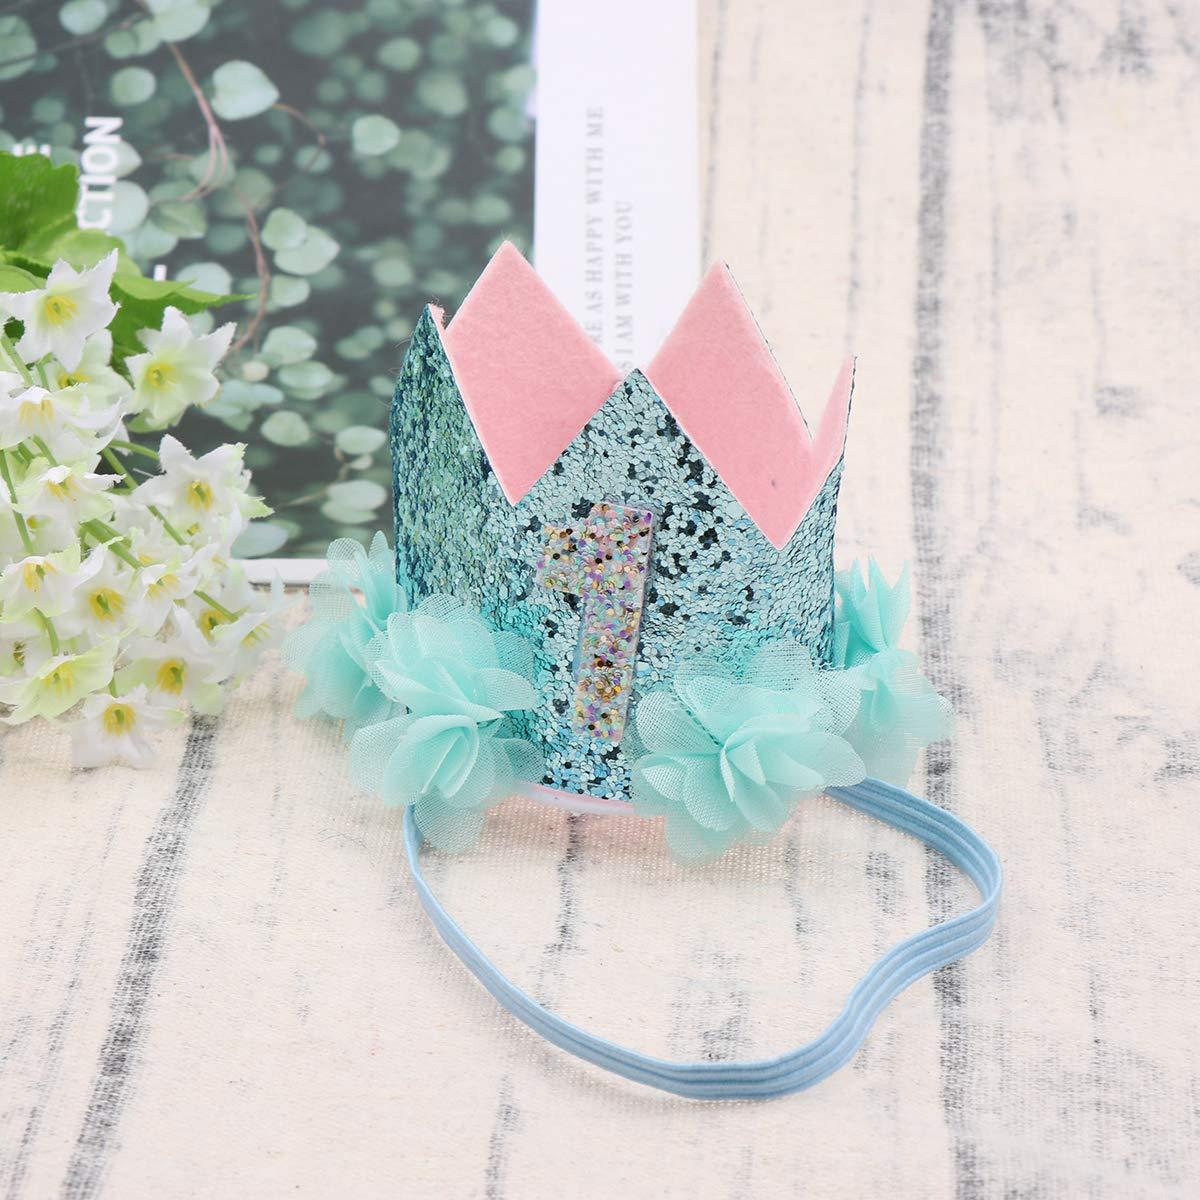 Beaupretty Baby Geburtstag Krone Stirnband gl/änzende elastische Glitzer Tiara Blume ersten Geburtstag Hut Stirnband f/ür Party Kost/üm Foto